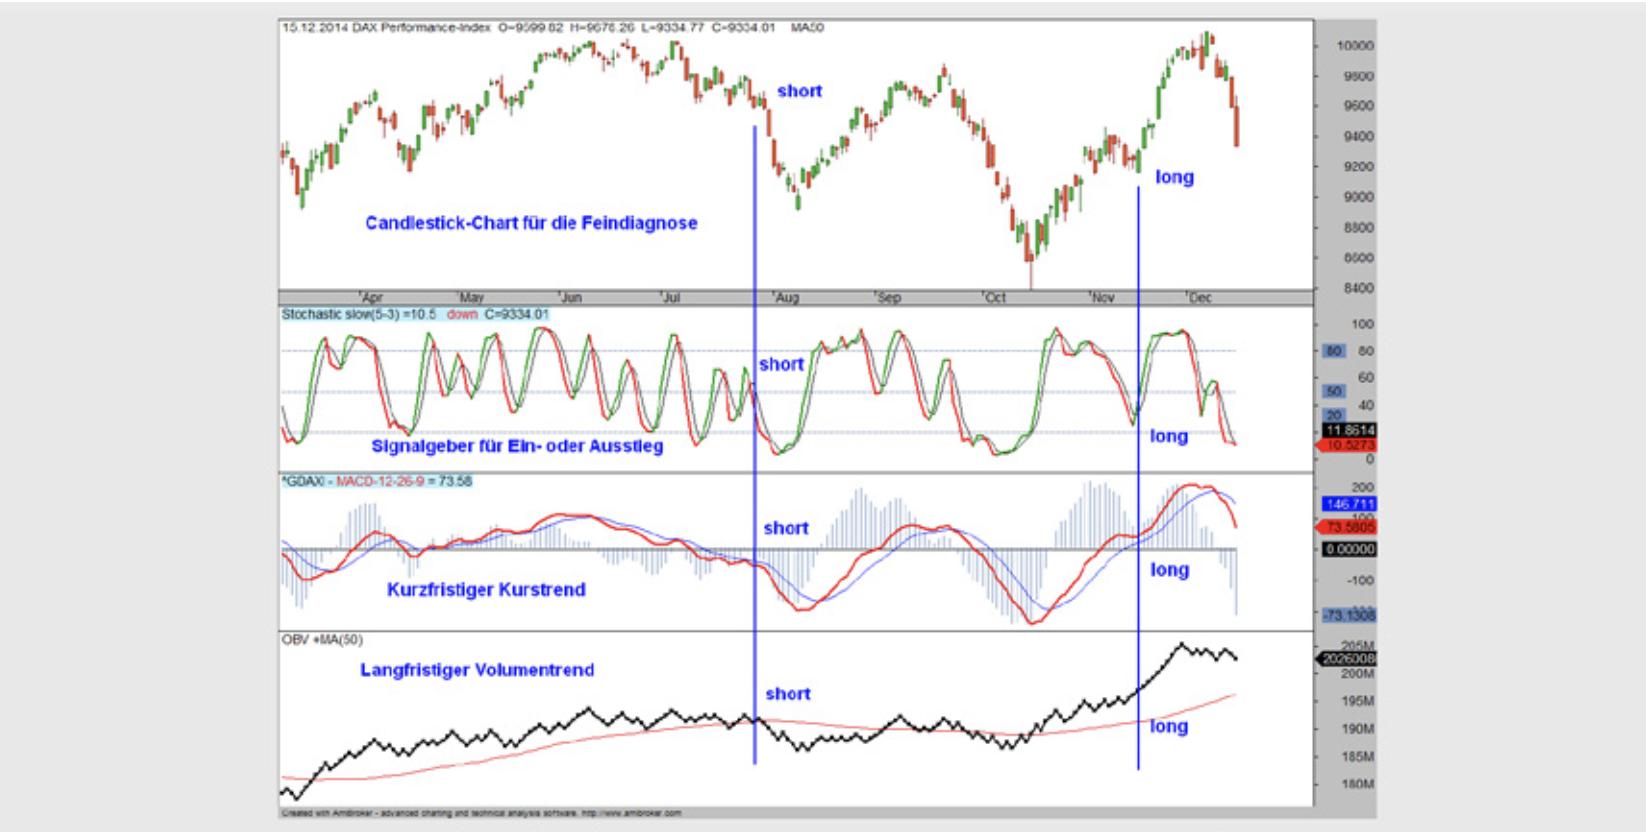 Beispiel für Kombination aus Indikatoren